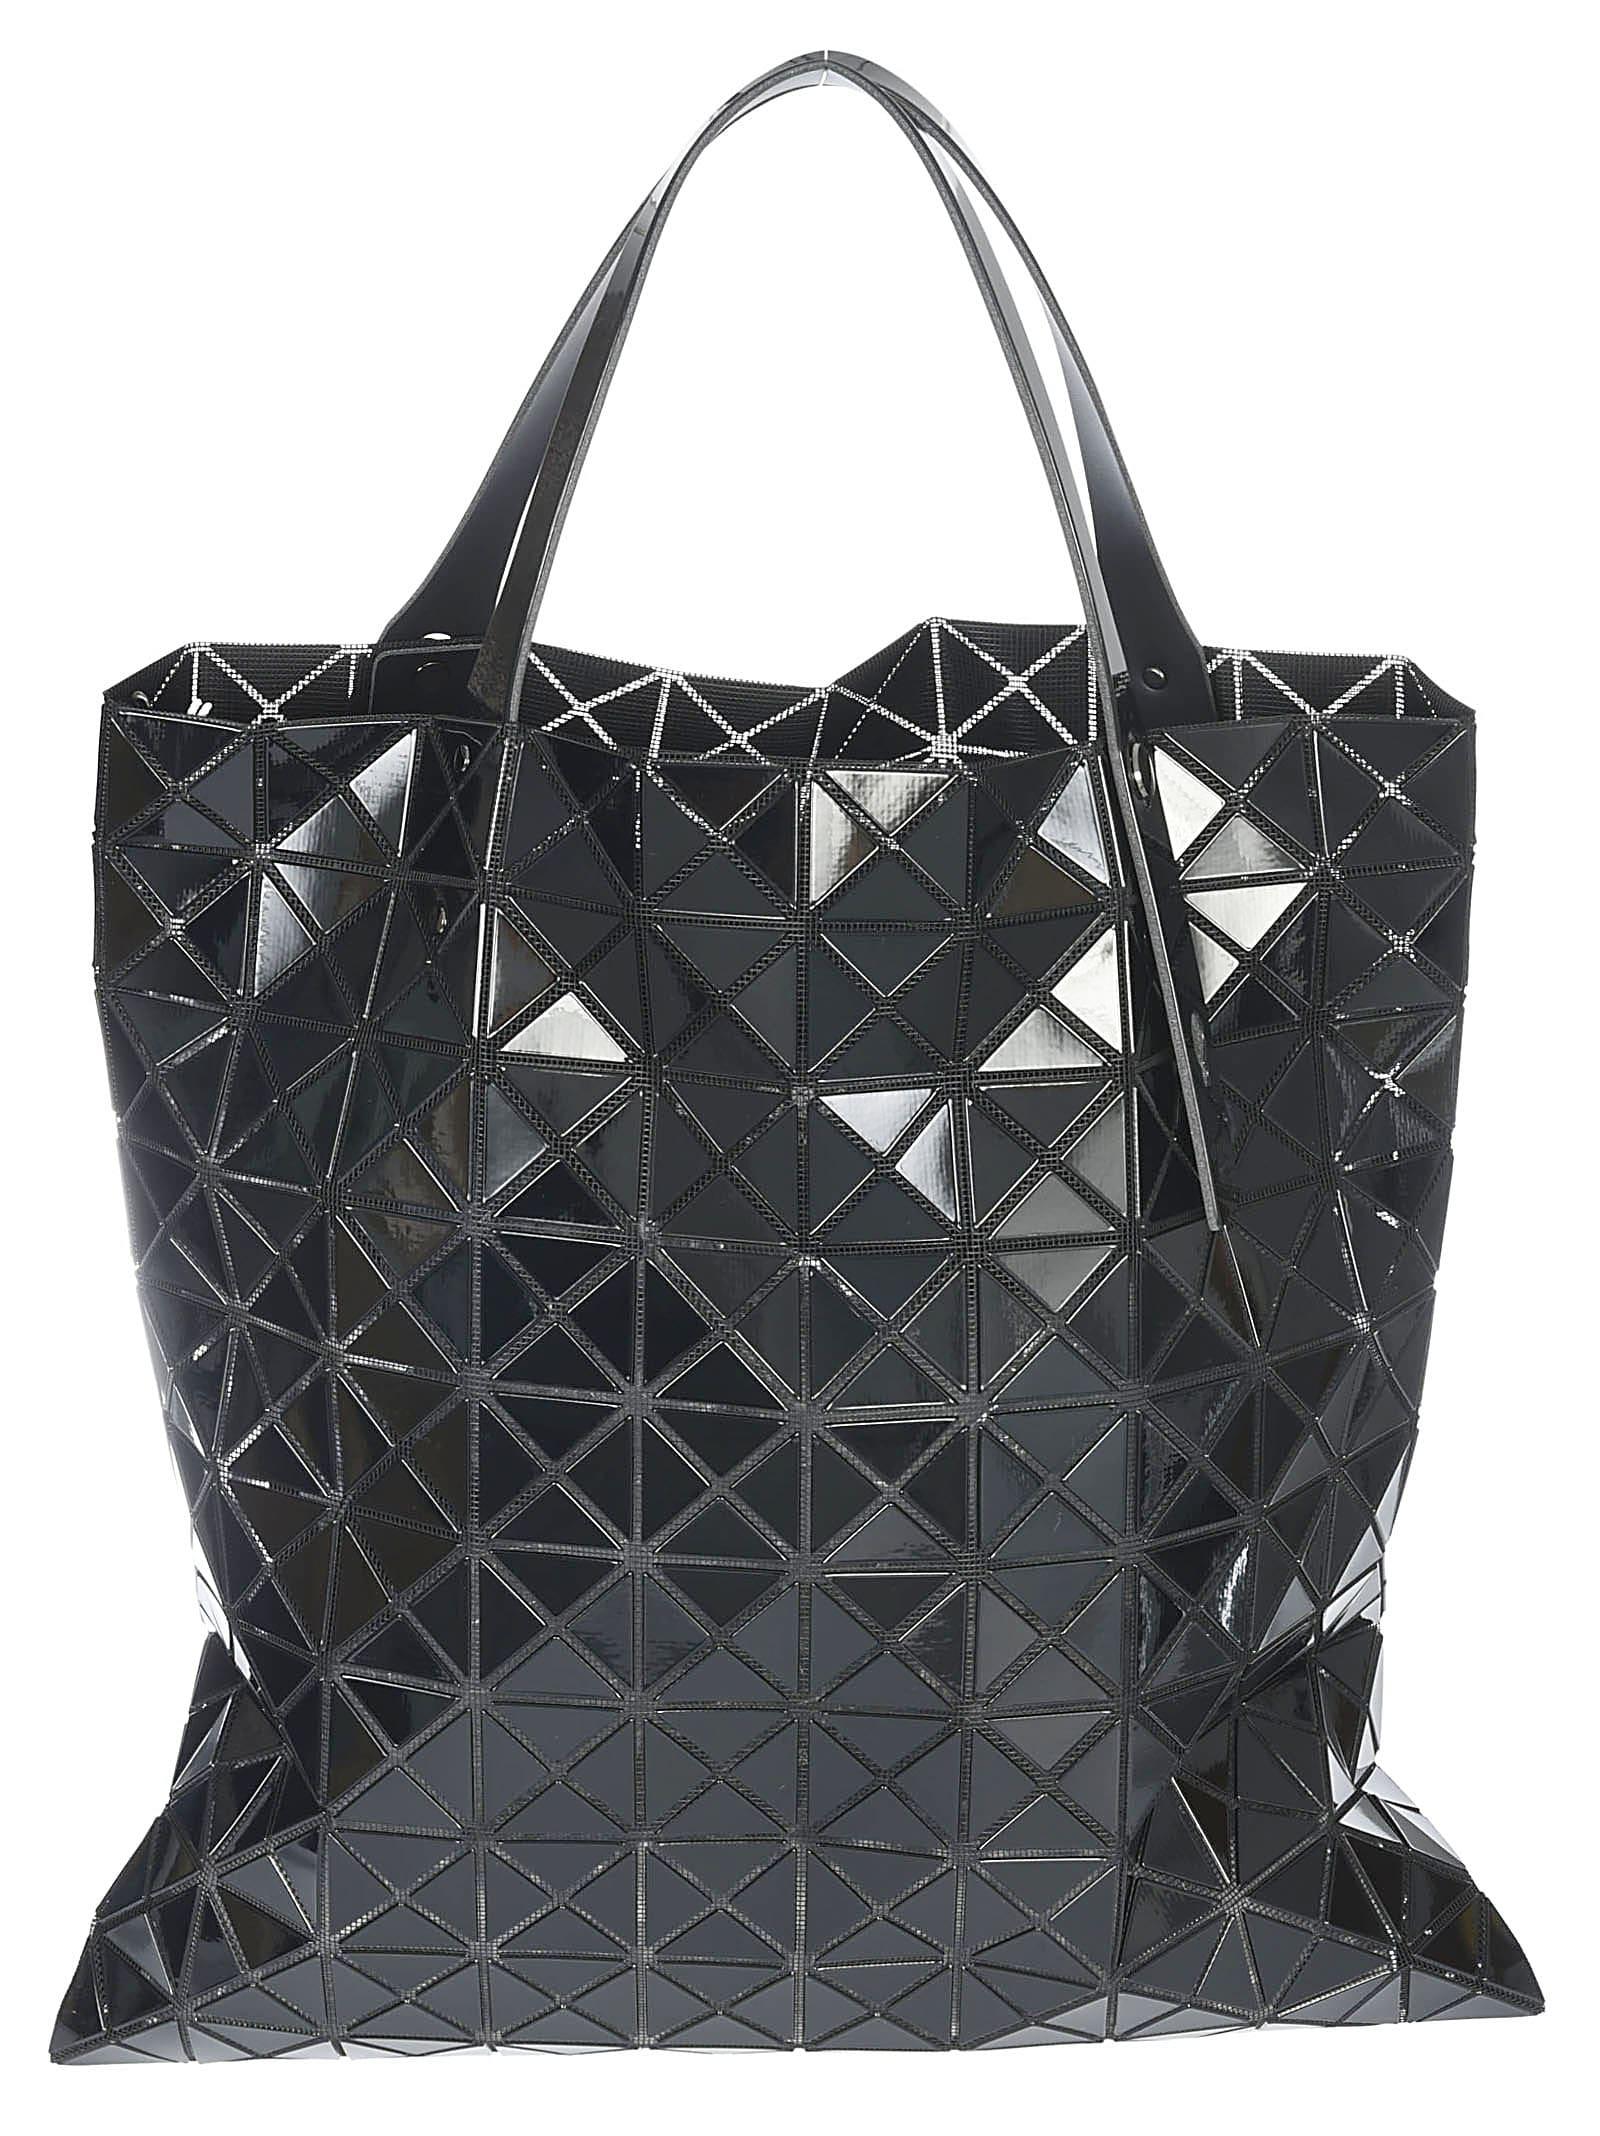 Bao Bao Issey Miyake Prism Shopping Bag